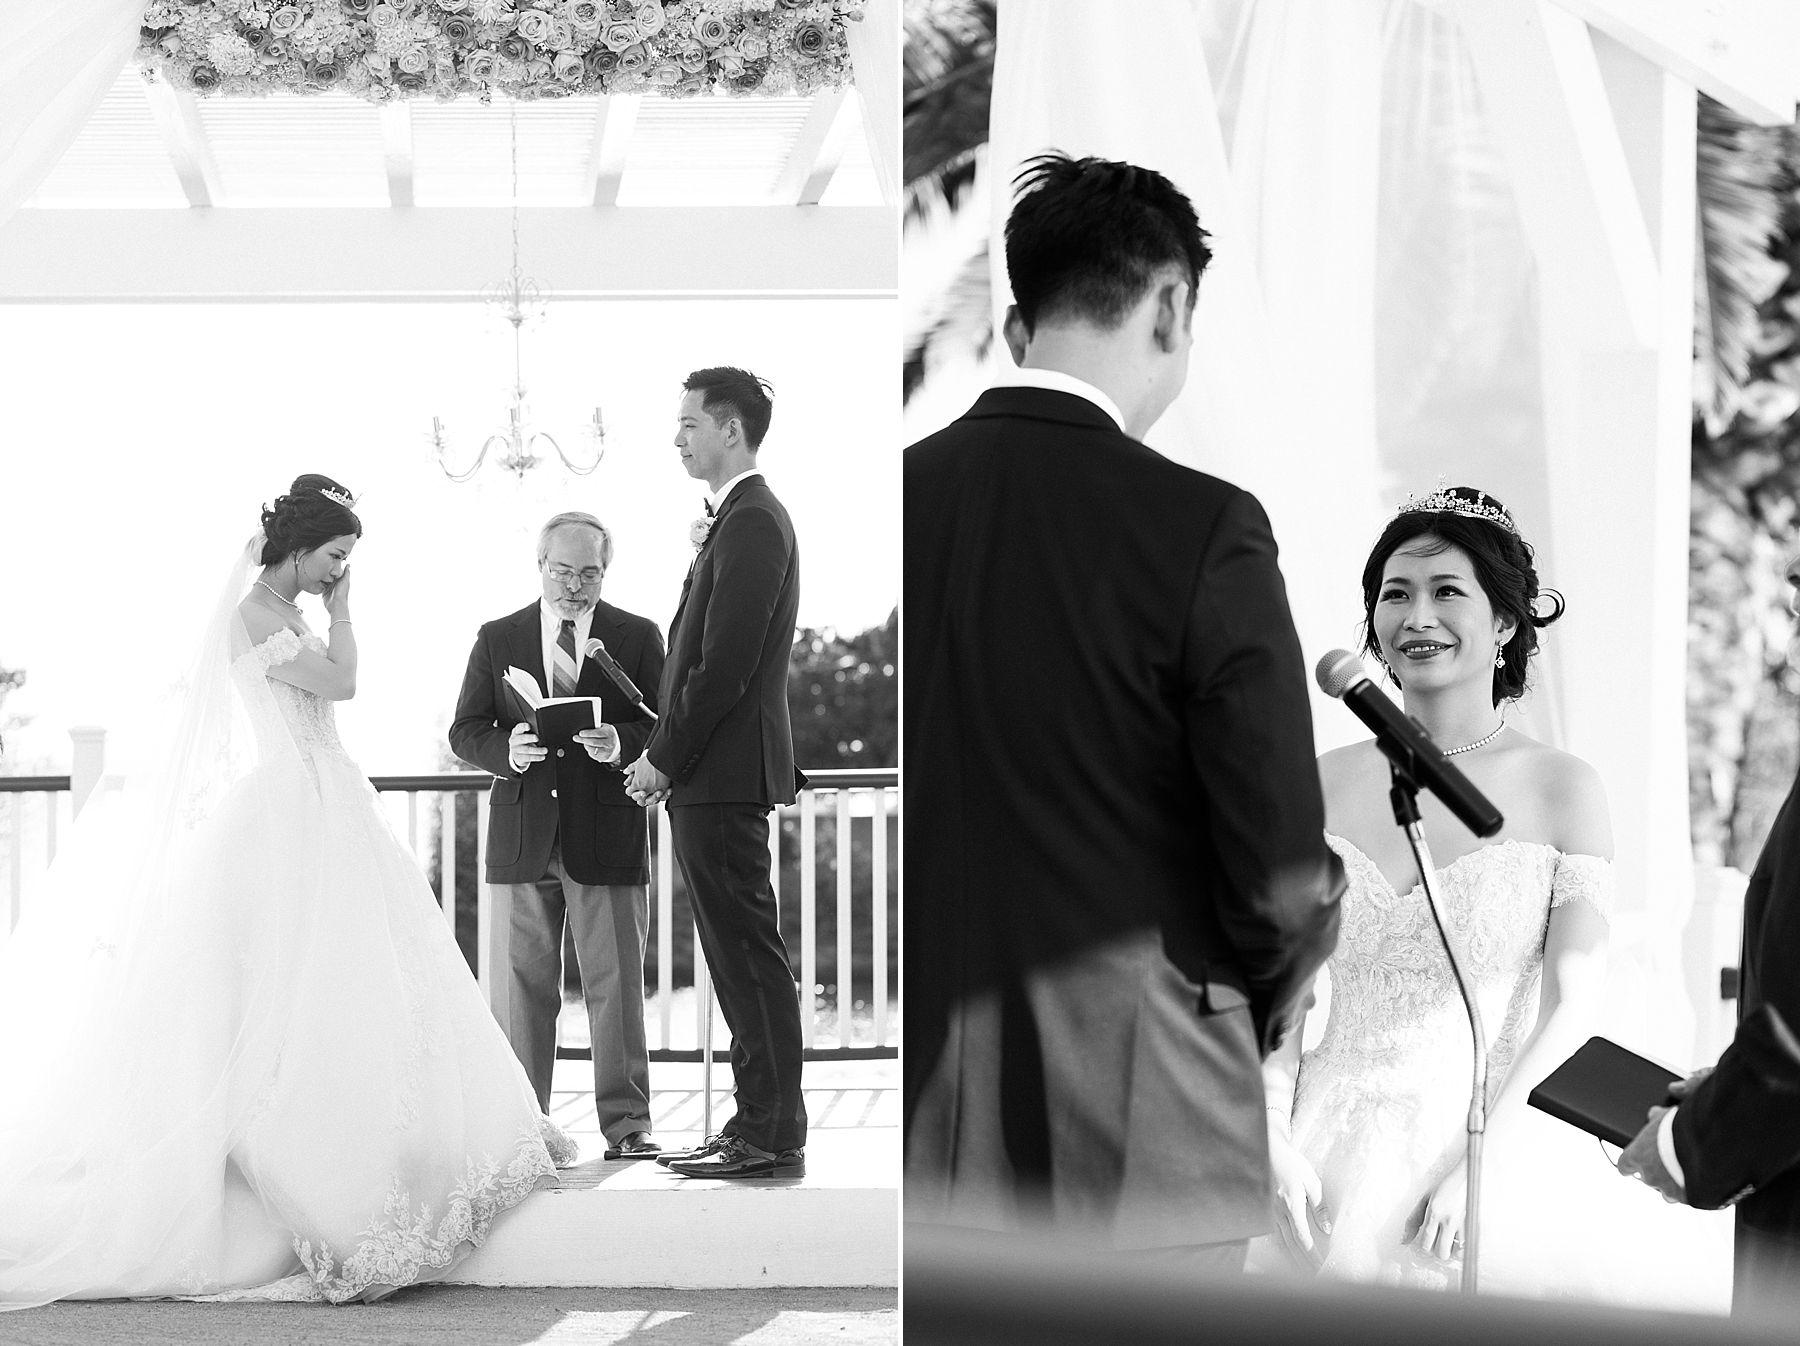 Newberry Estate Vineyards Wedding - Ashley Baumgartner - Jasmine and Johhny - Bay Area Wedding Photographer - Sacramento Wedding Photographer_0037.jpg